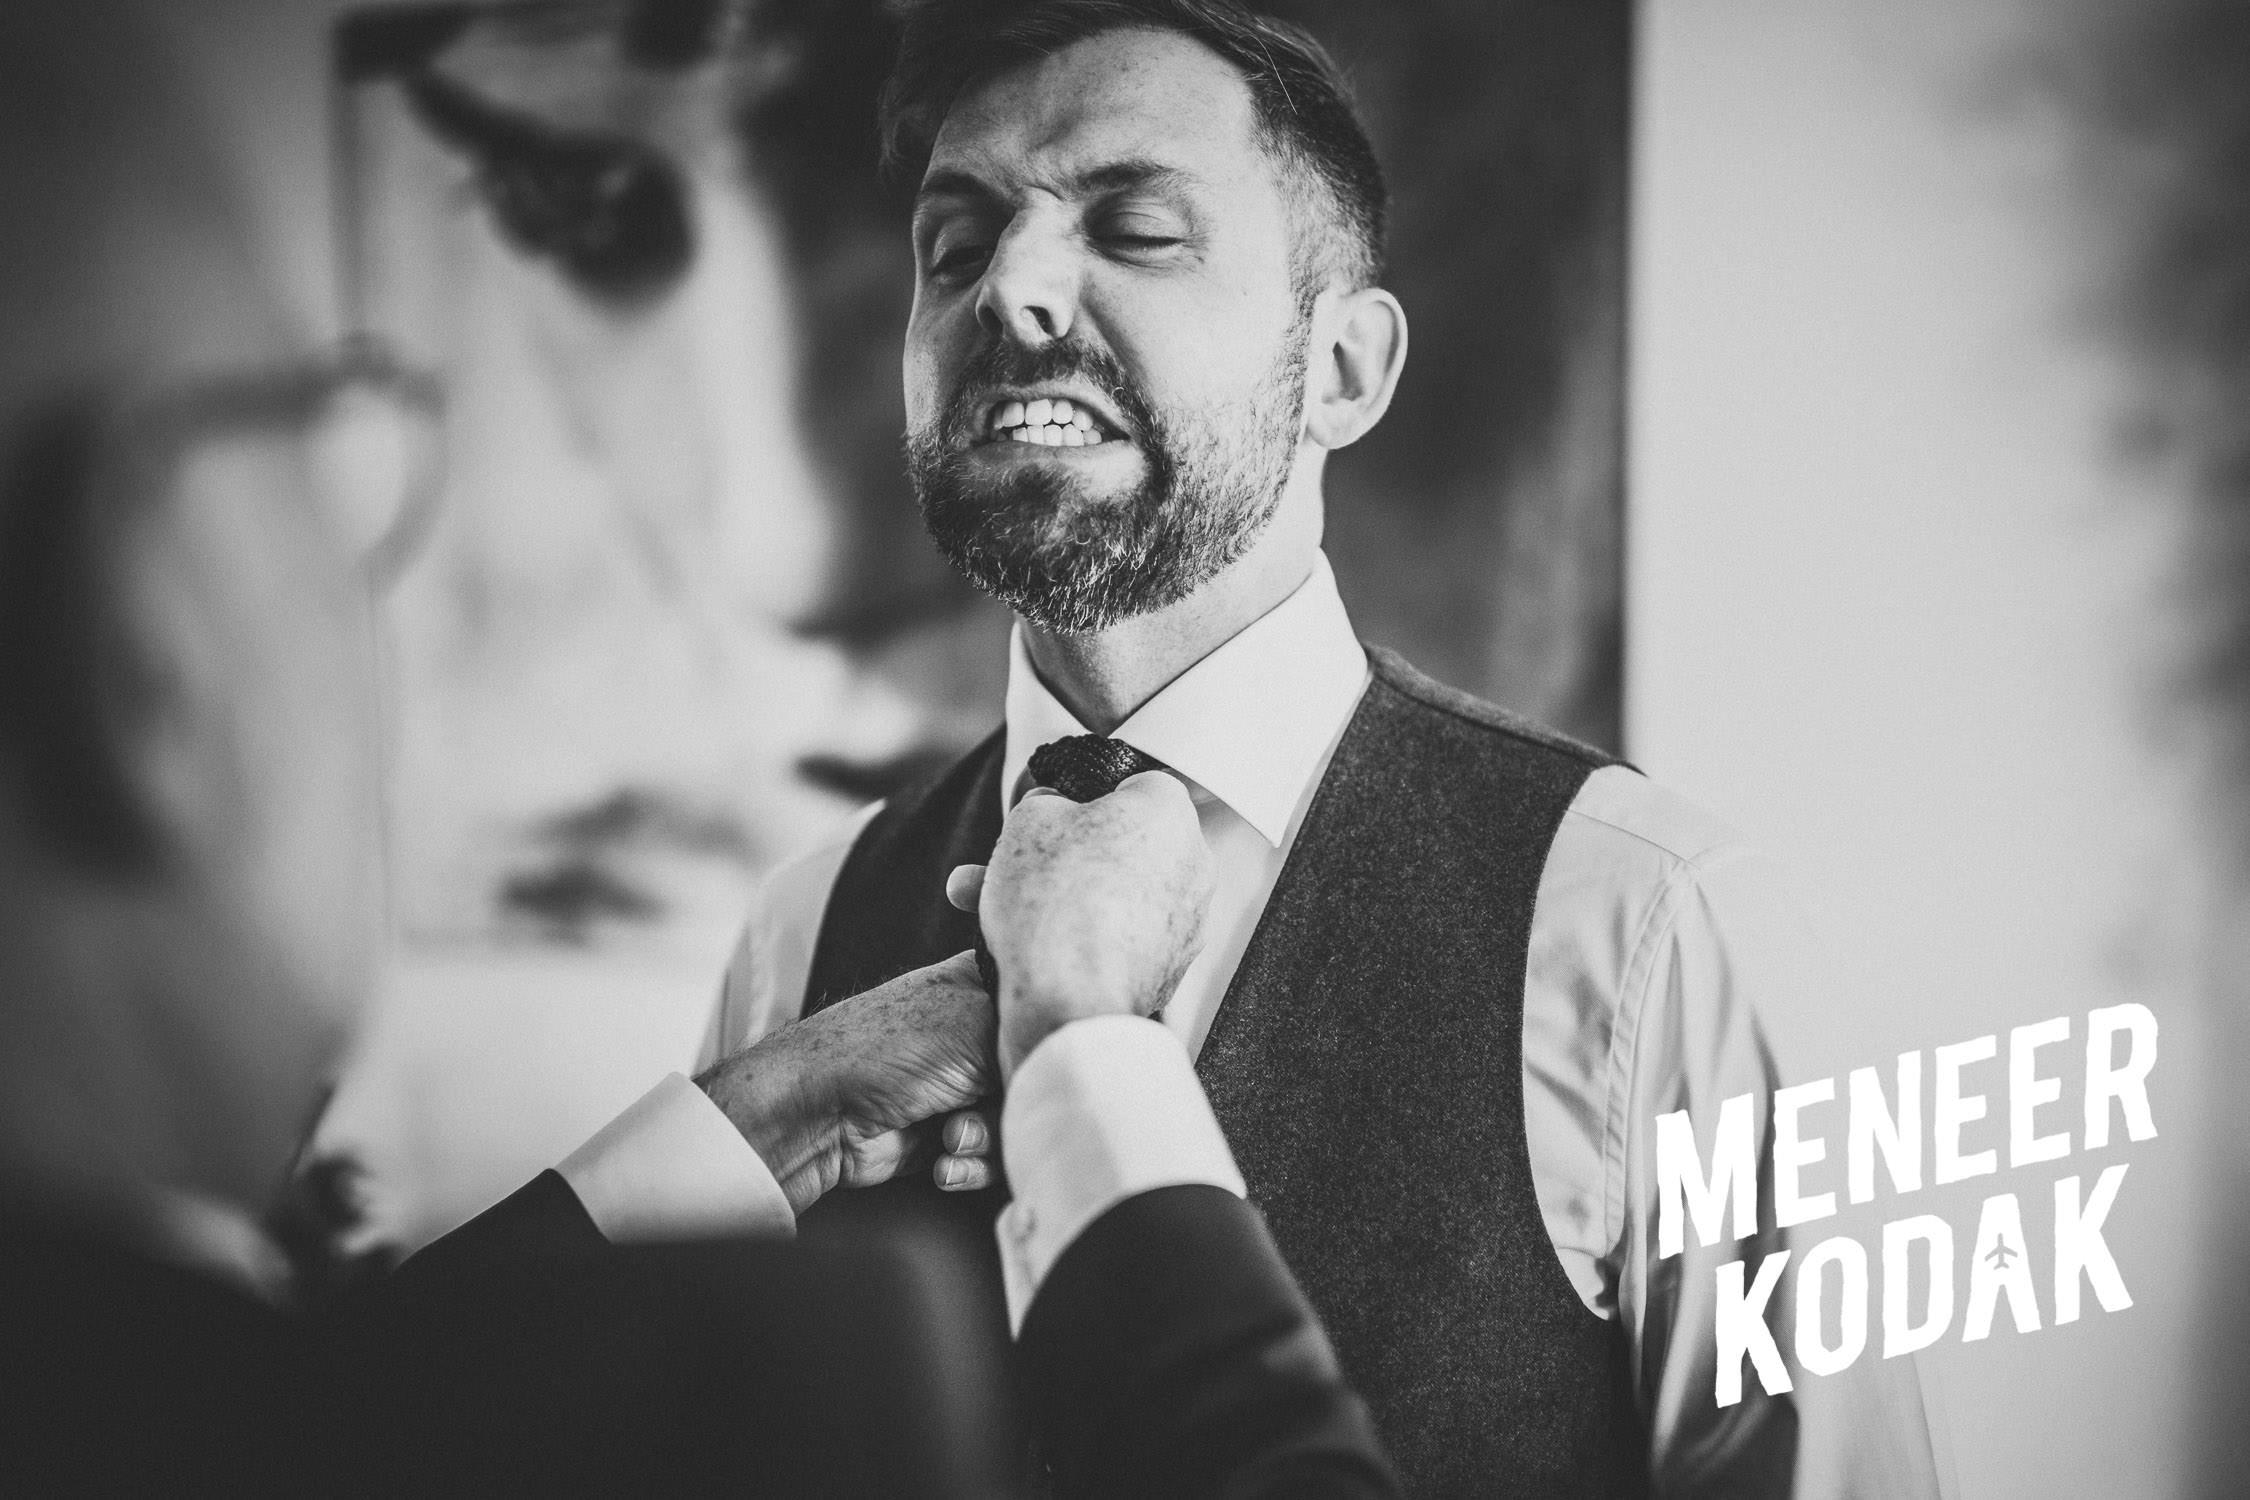 Meneer Kodak - Bruidsfotograaf - Breda - S&R-059.jpg